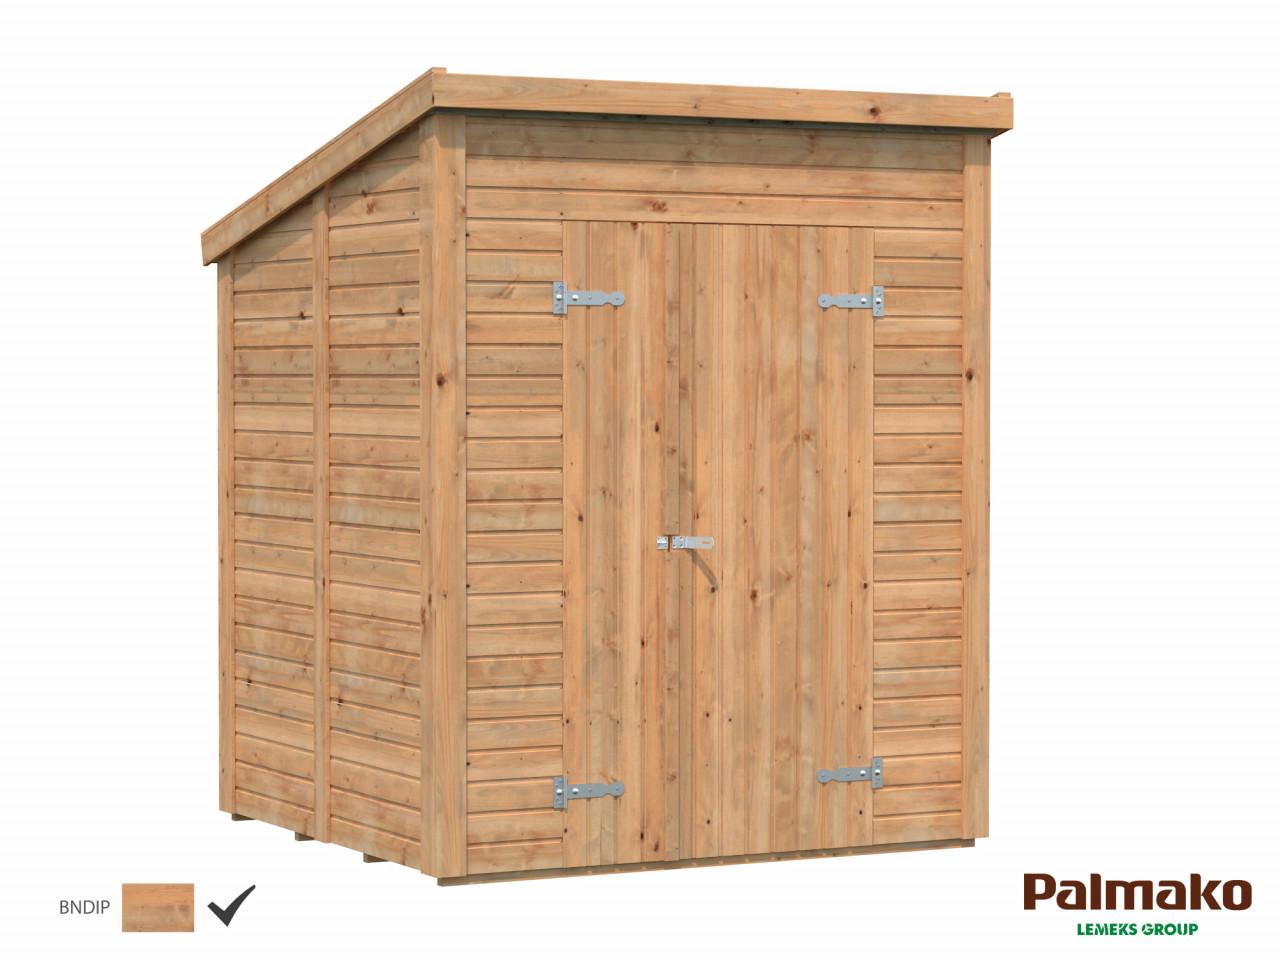 Palmako Gerätehaus Leif 3,0 m²